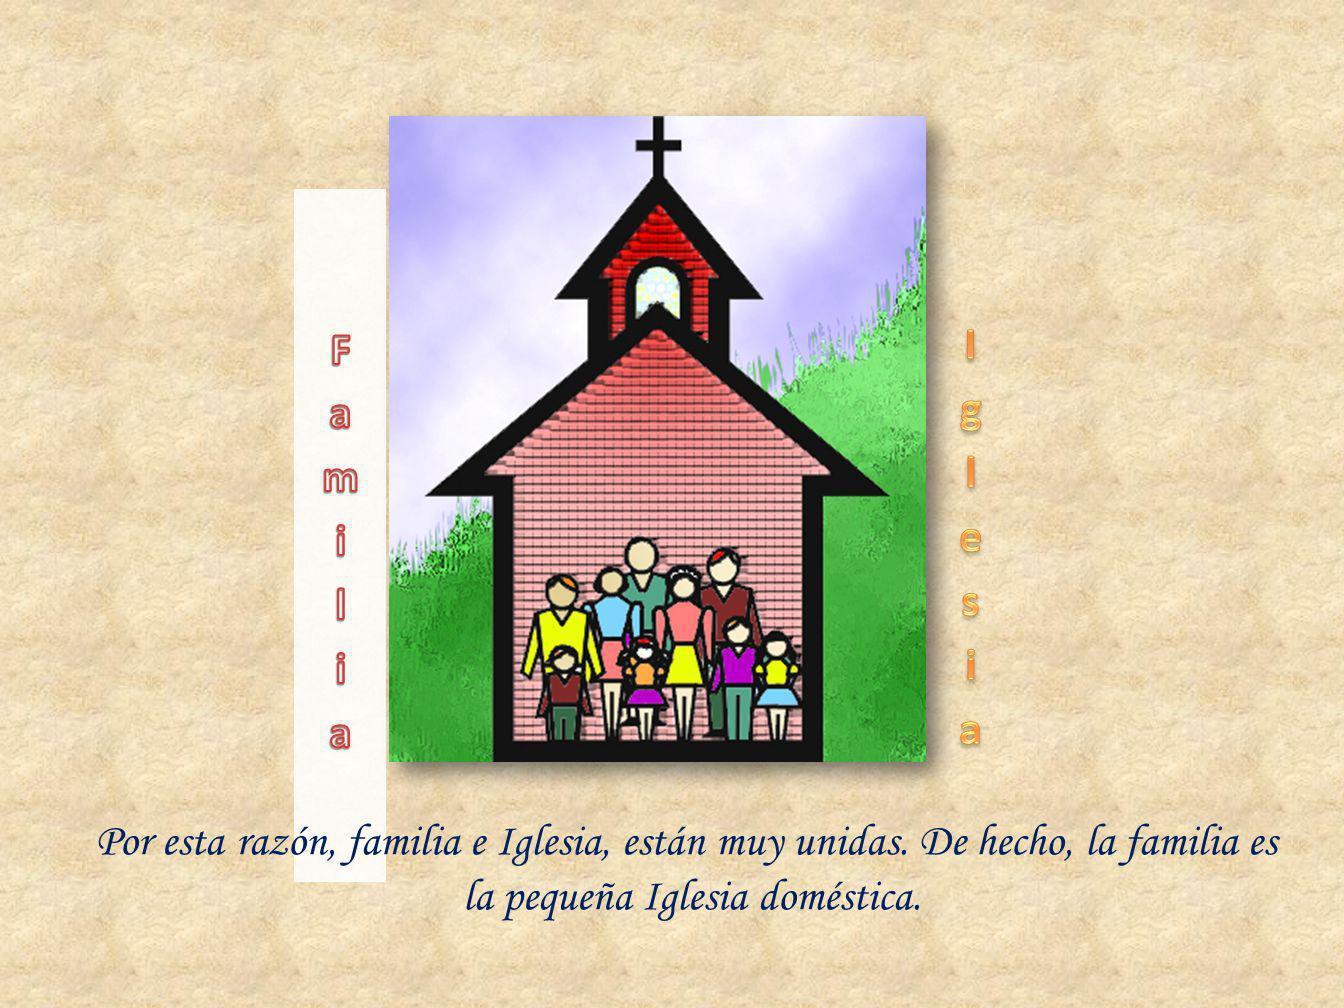 Por esta razón, familia e Iglesia, están muy unidas. De hecho, la familia es la pequeña Iglesia doméstica.